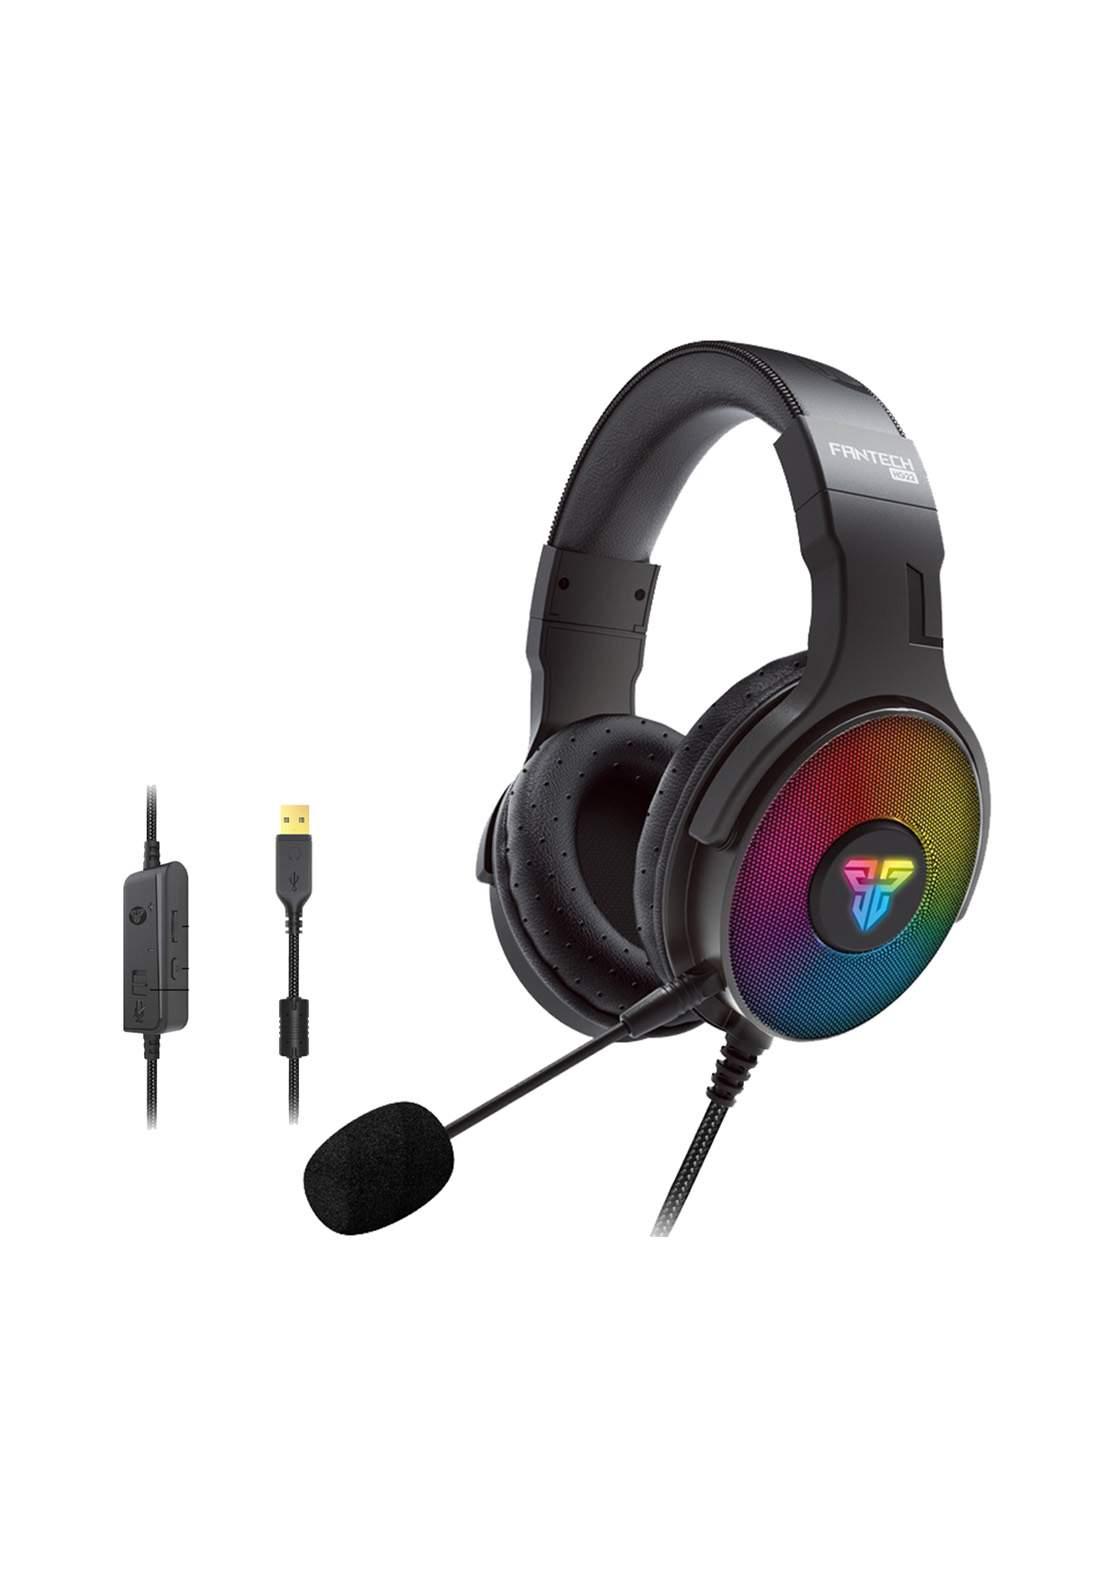 Fantech Fusion HG22 RGB 7.1 Wired Gaming Headset - Black سماعة سلكية